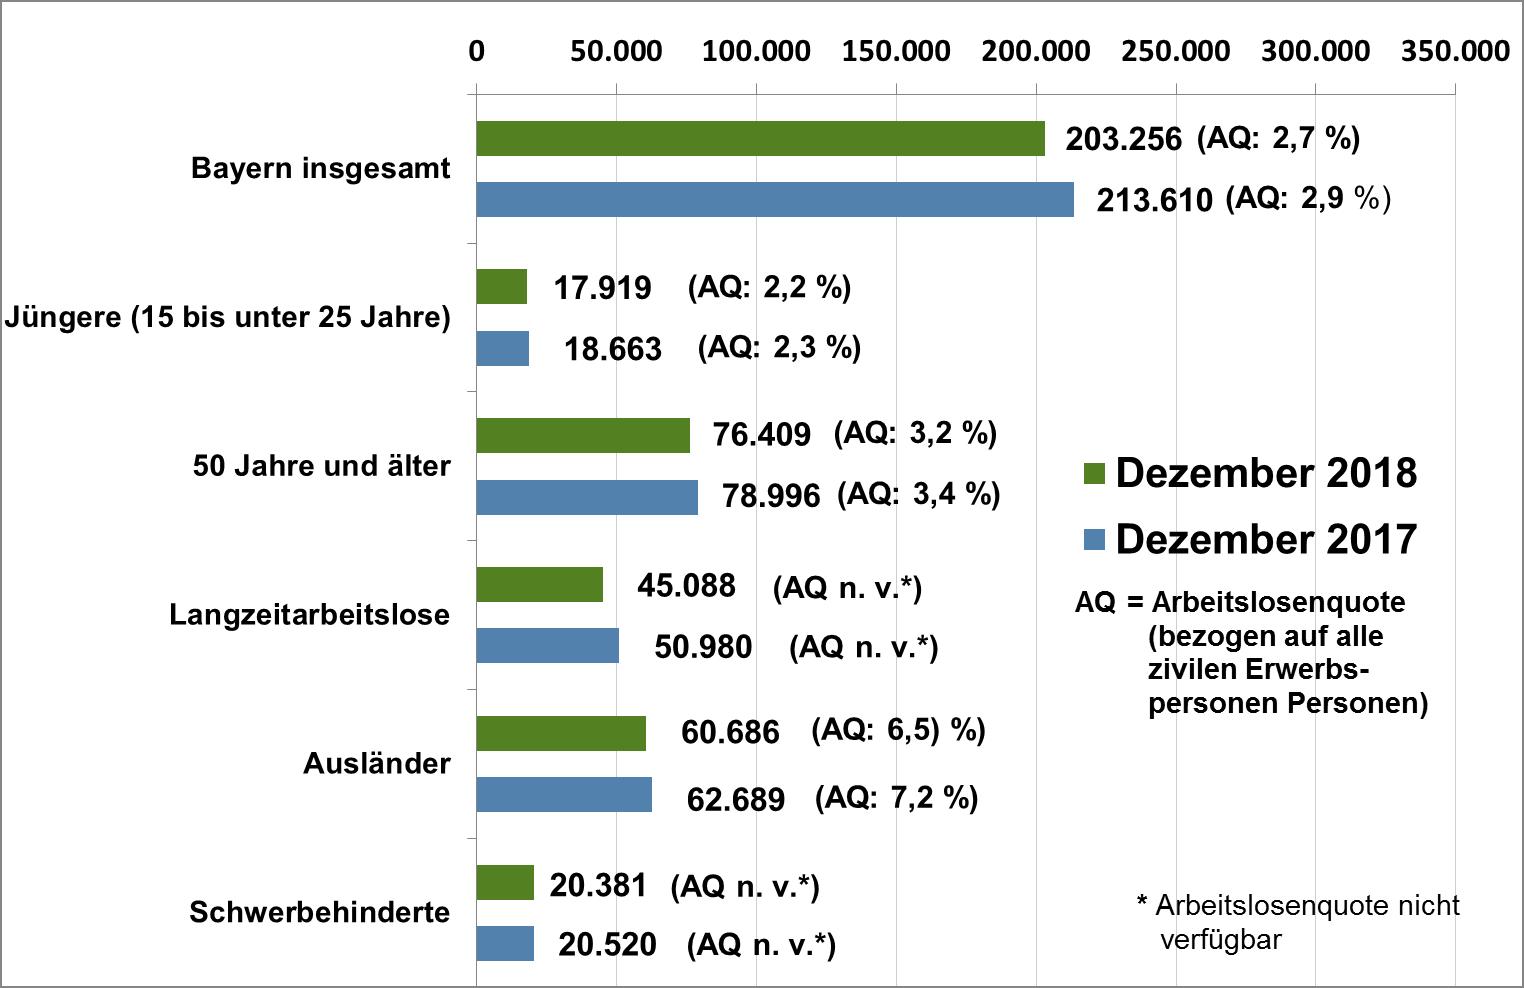 Bayerische Arbeitsmarktpolitik